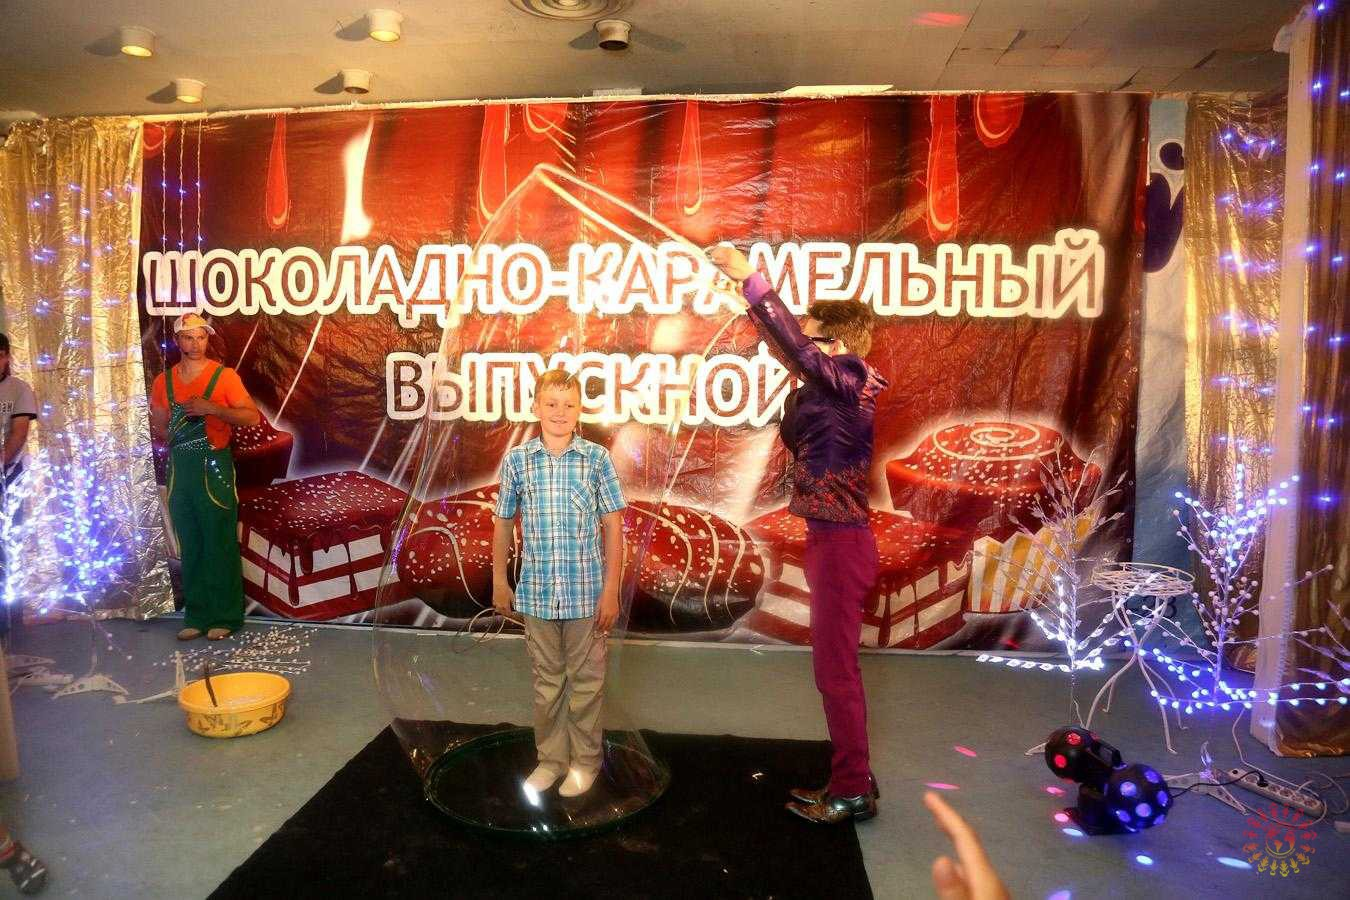 Шоколадно-Карамельный выпускной в ГК Космос 295 Москва